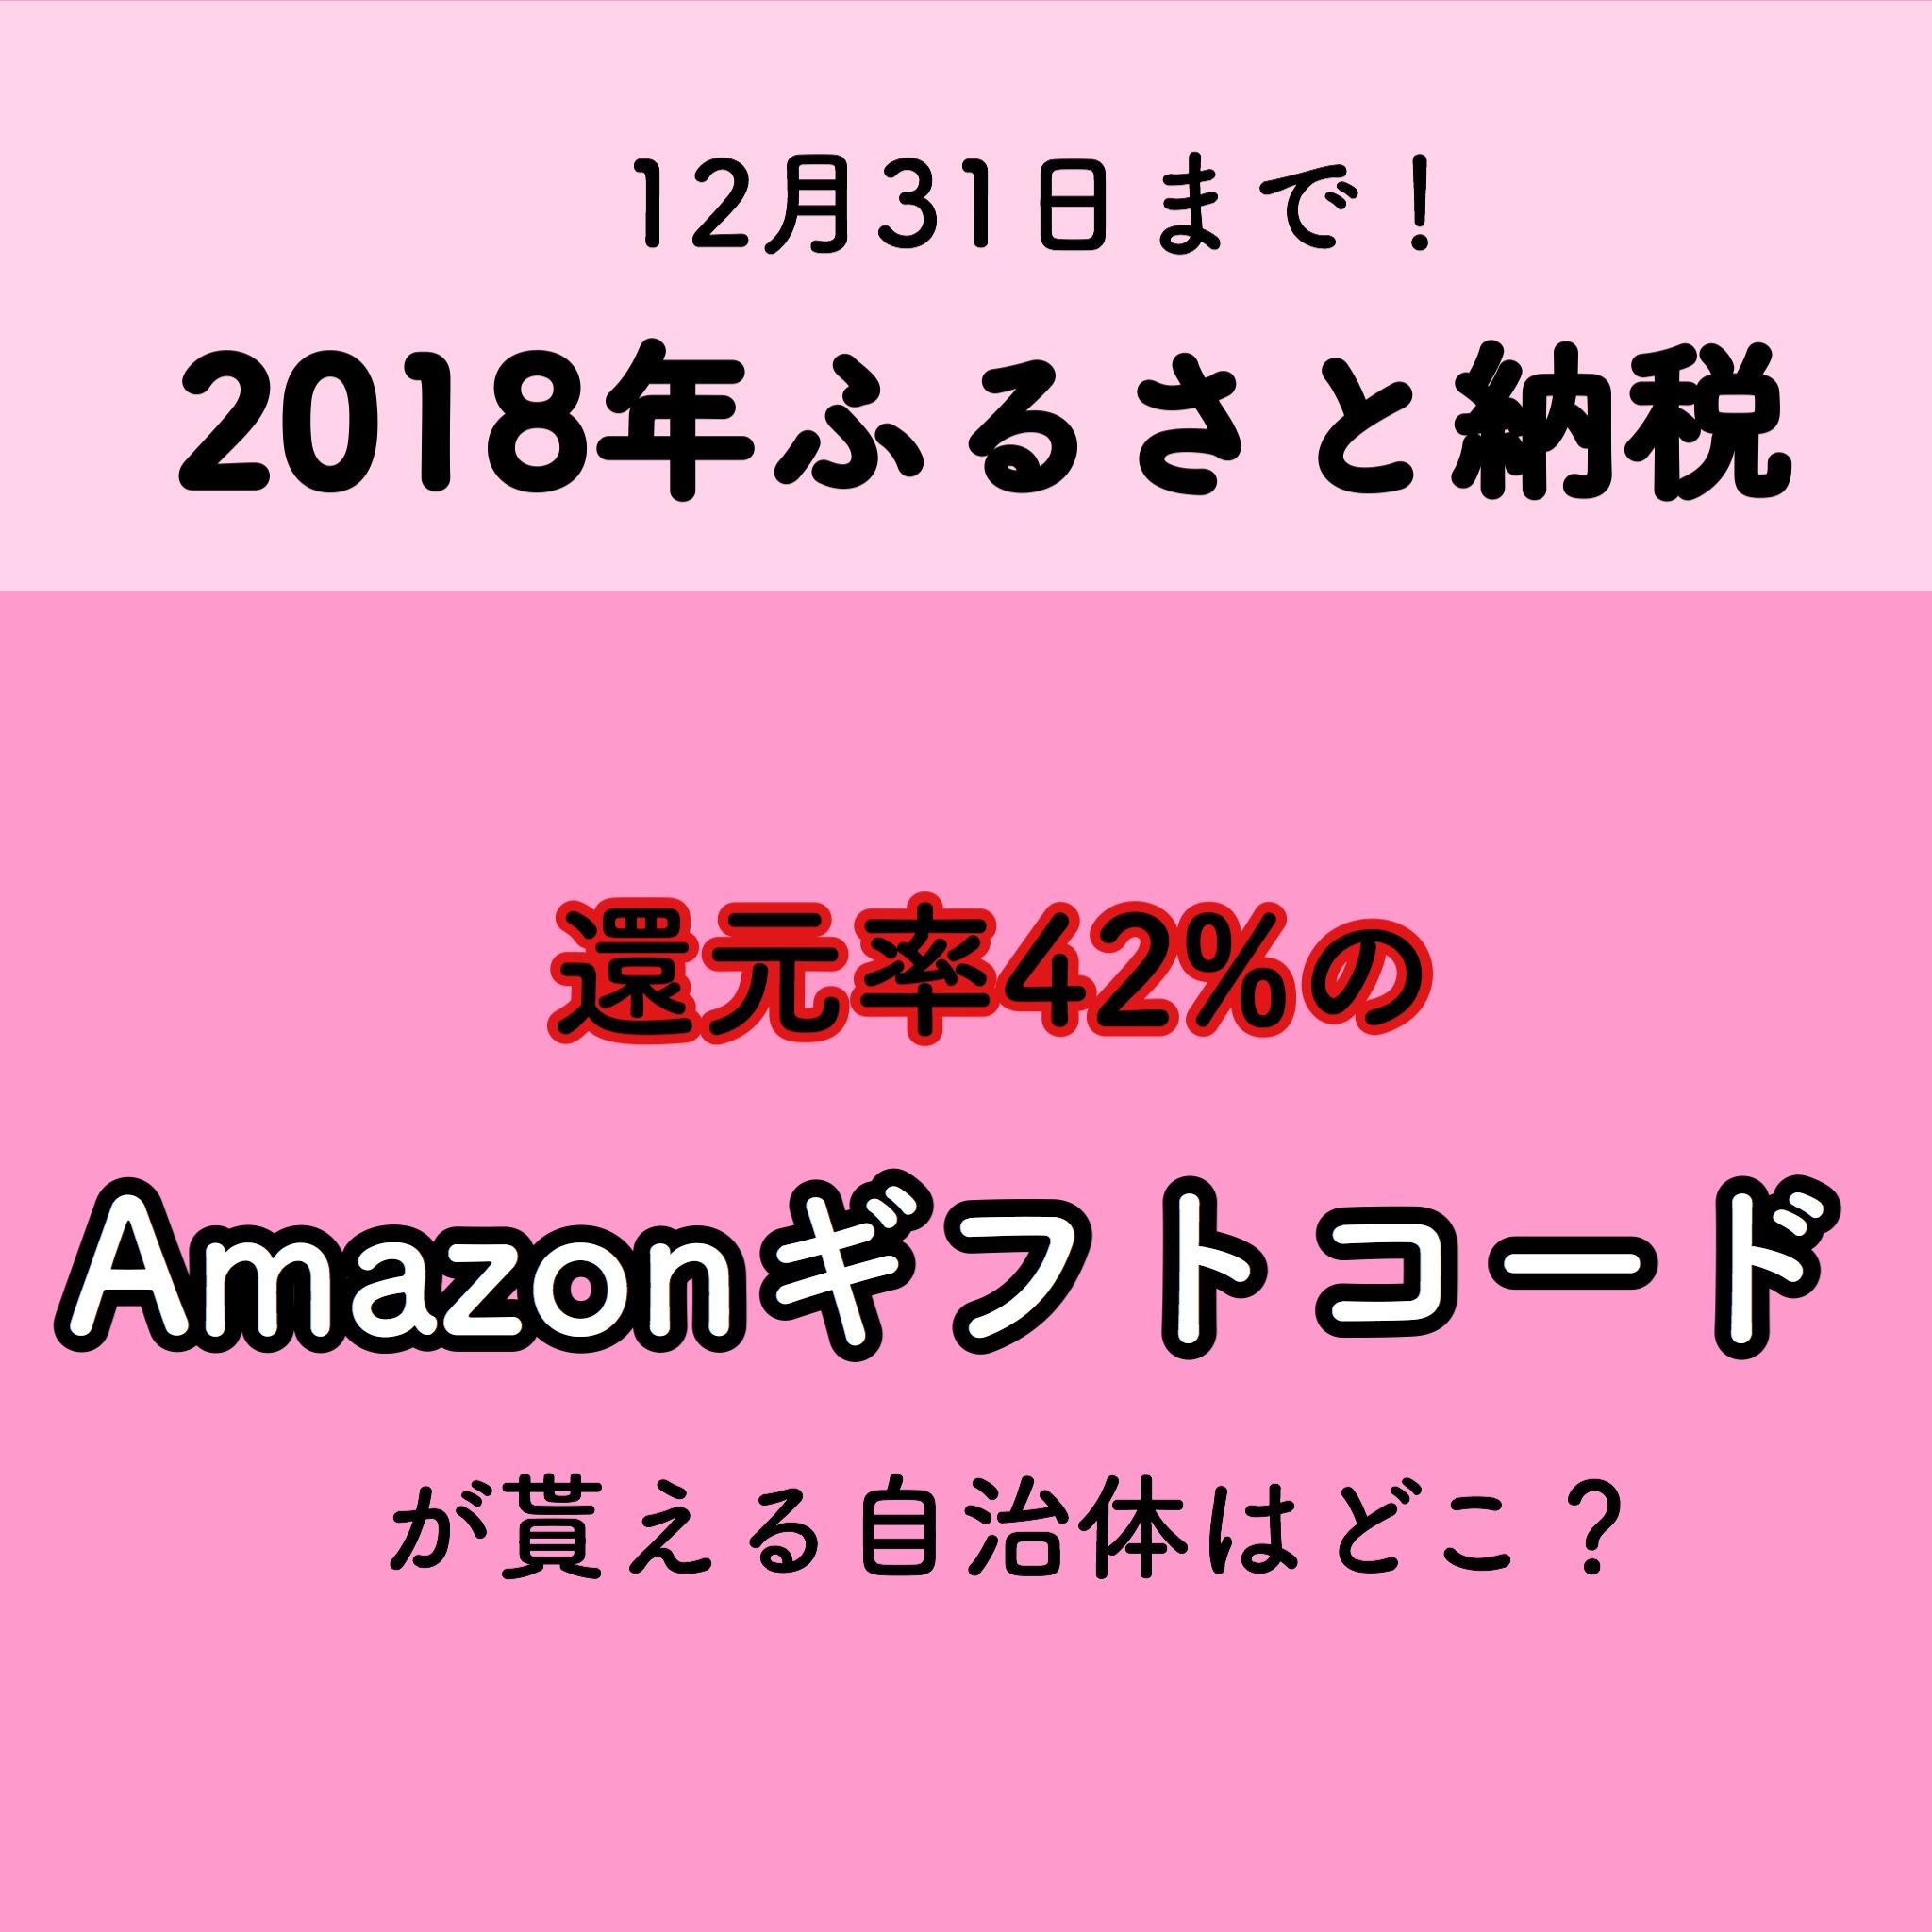 2018年 ふるさと納税 商品券 金券 旅行券 Amazonギフトコード ギフト券 ブログ2018年